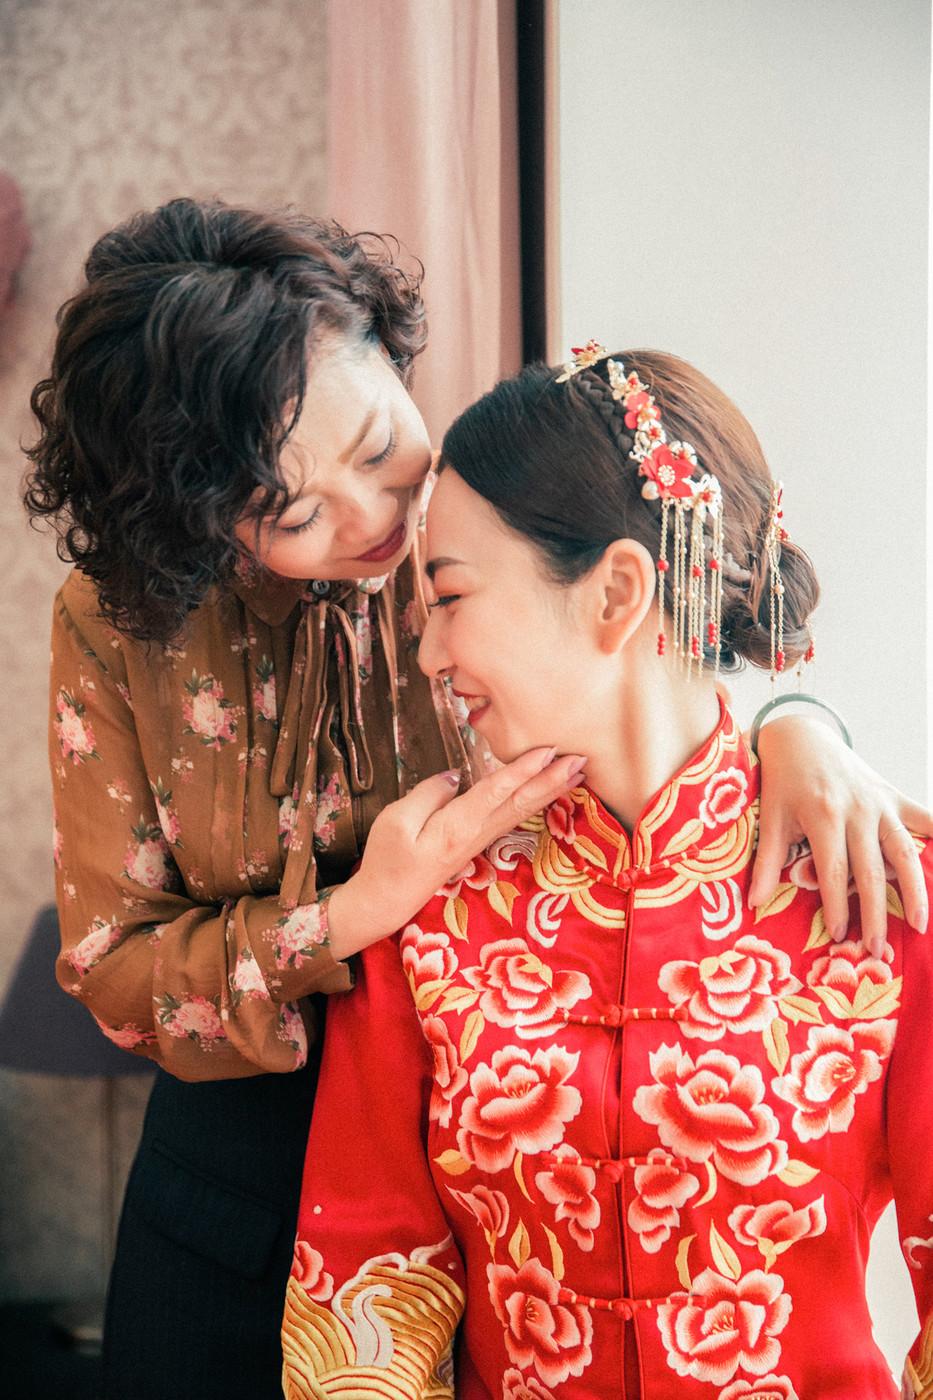 【KAI 婚礼纪实】P&S 南京婚礼13